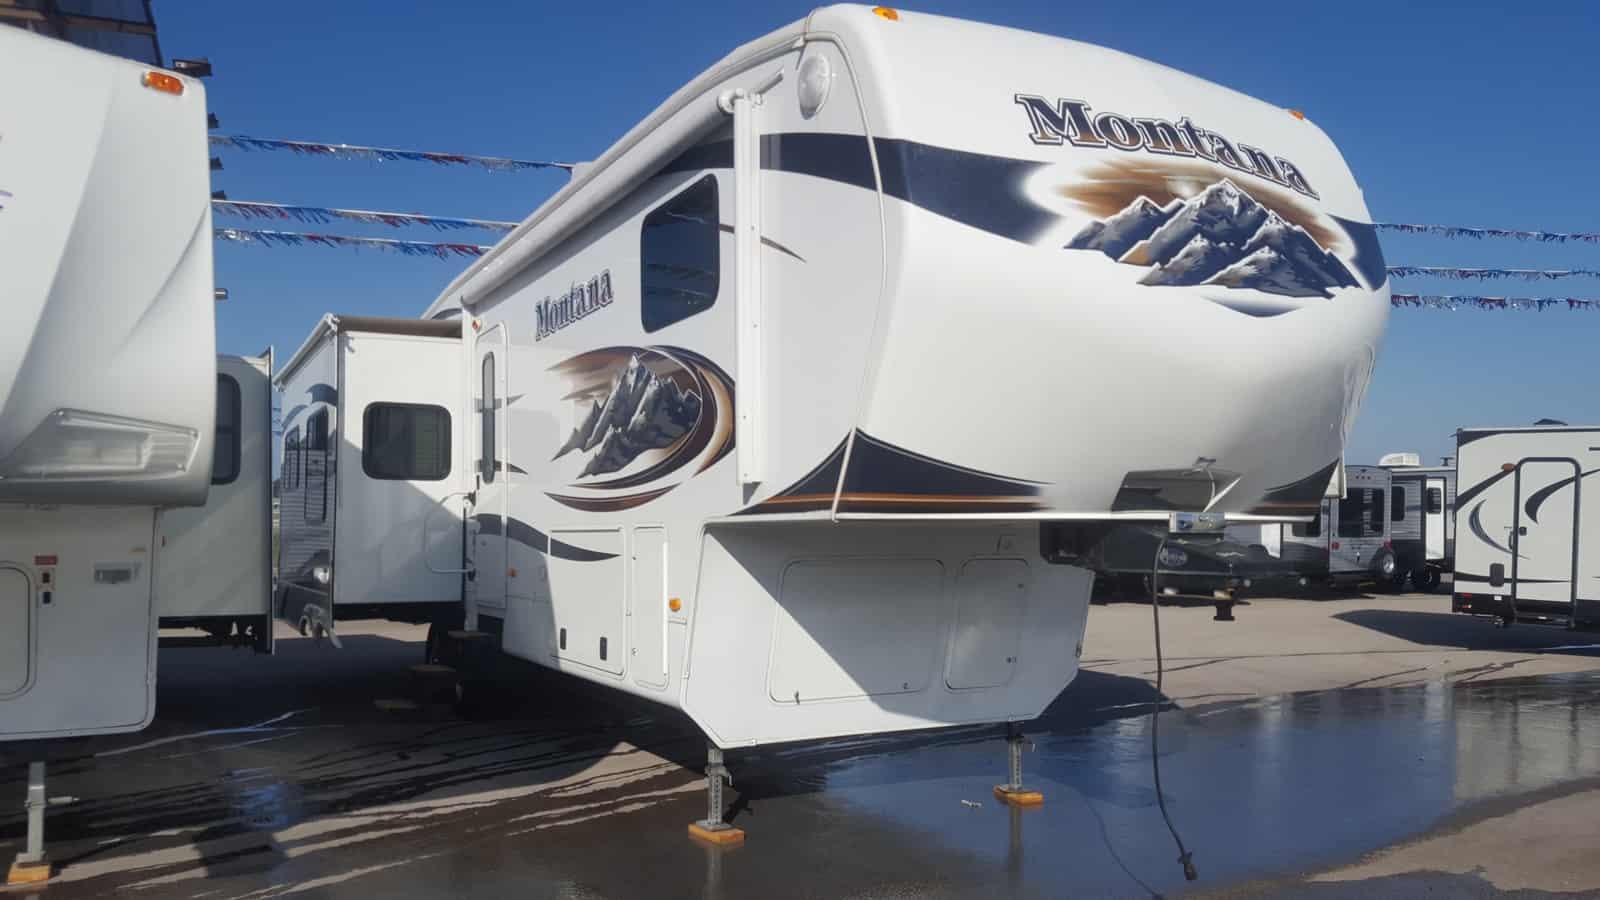 USED 2011 Keystone MONTANA 3580RL - American RV